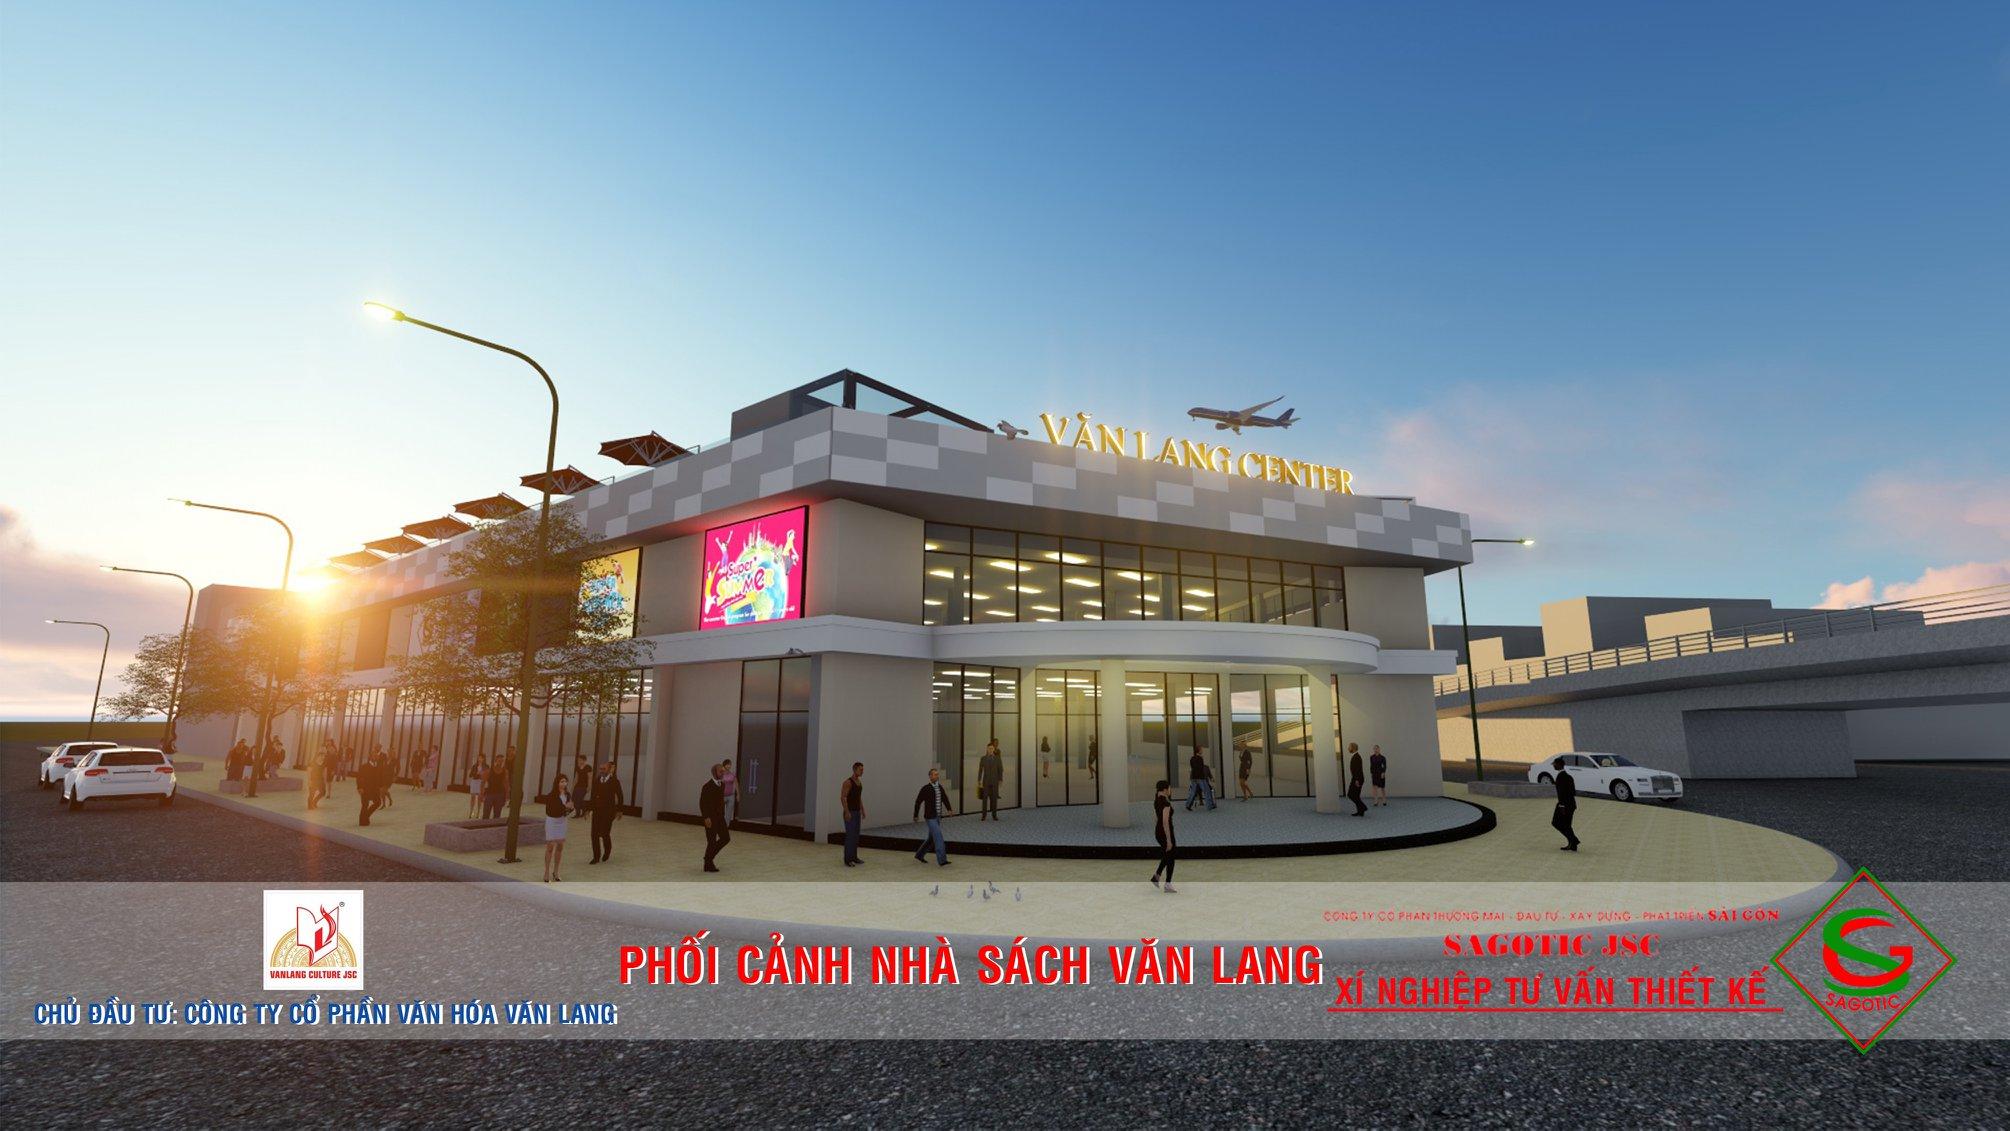 Nhà Sách Văn Lang - Văn Lang Center